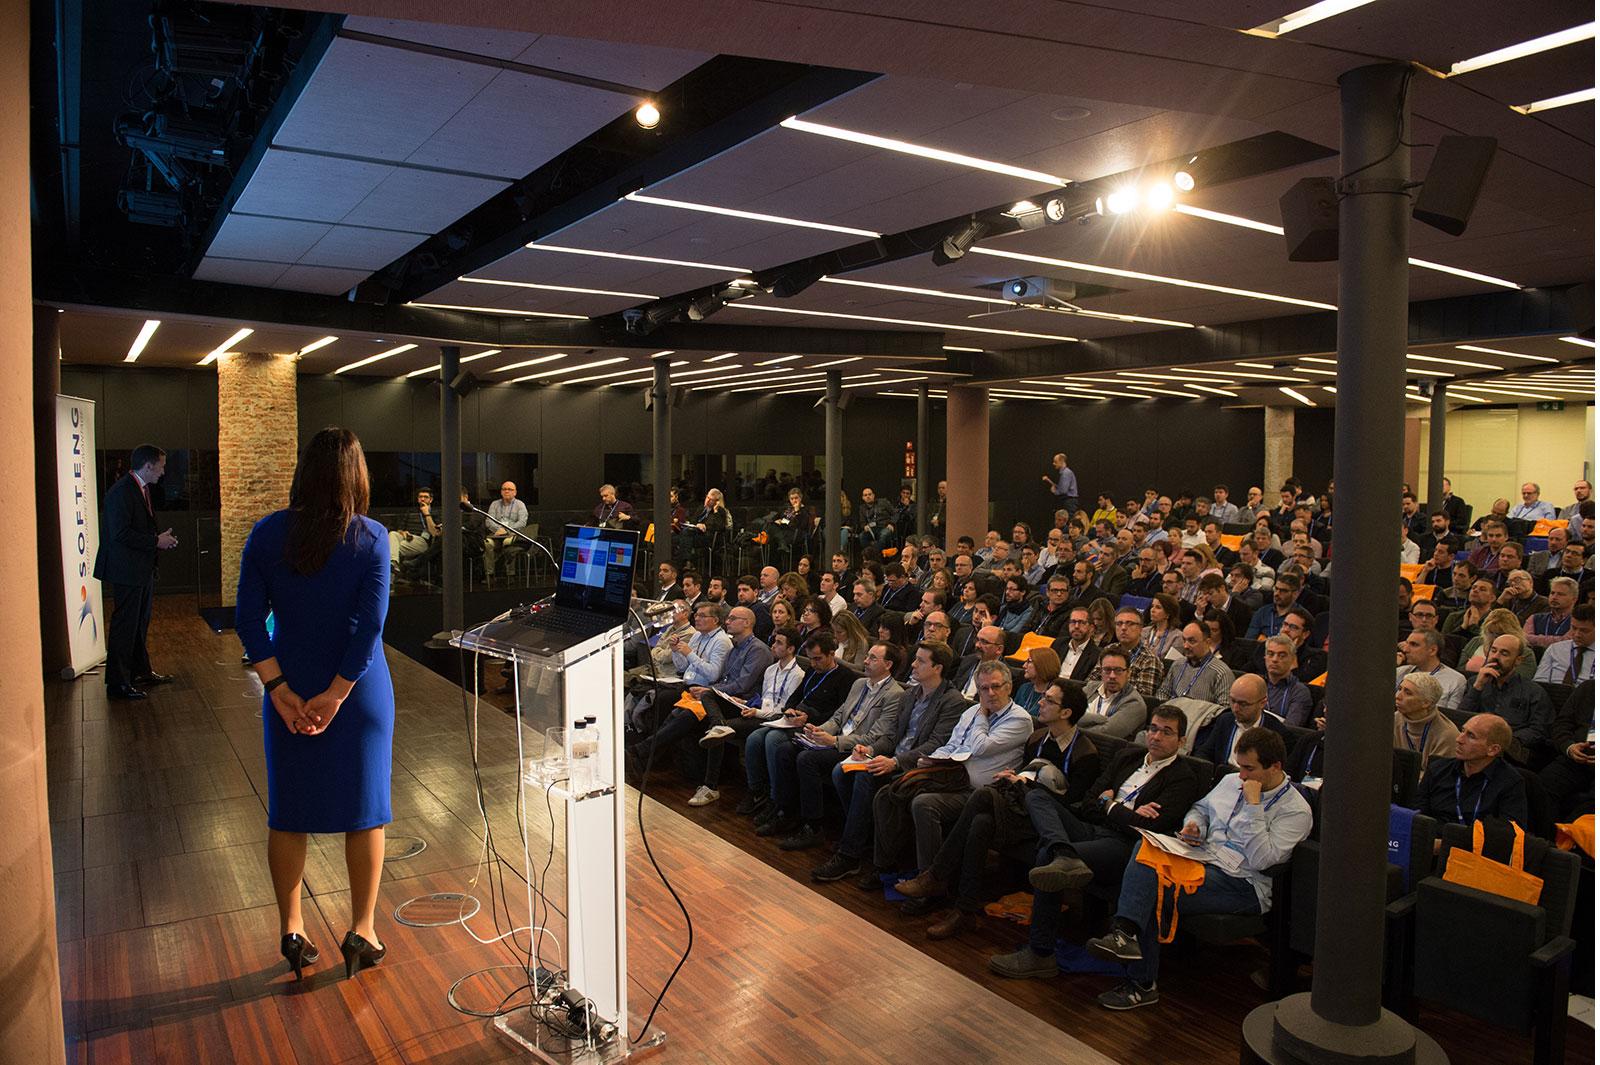 Llega una nueva oportunidad para asistir al gran evento anual de Microsoft y Softeng será el 6 y 12 de marzo ¡Resérvate ya una de estas fechas!